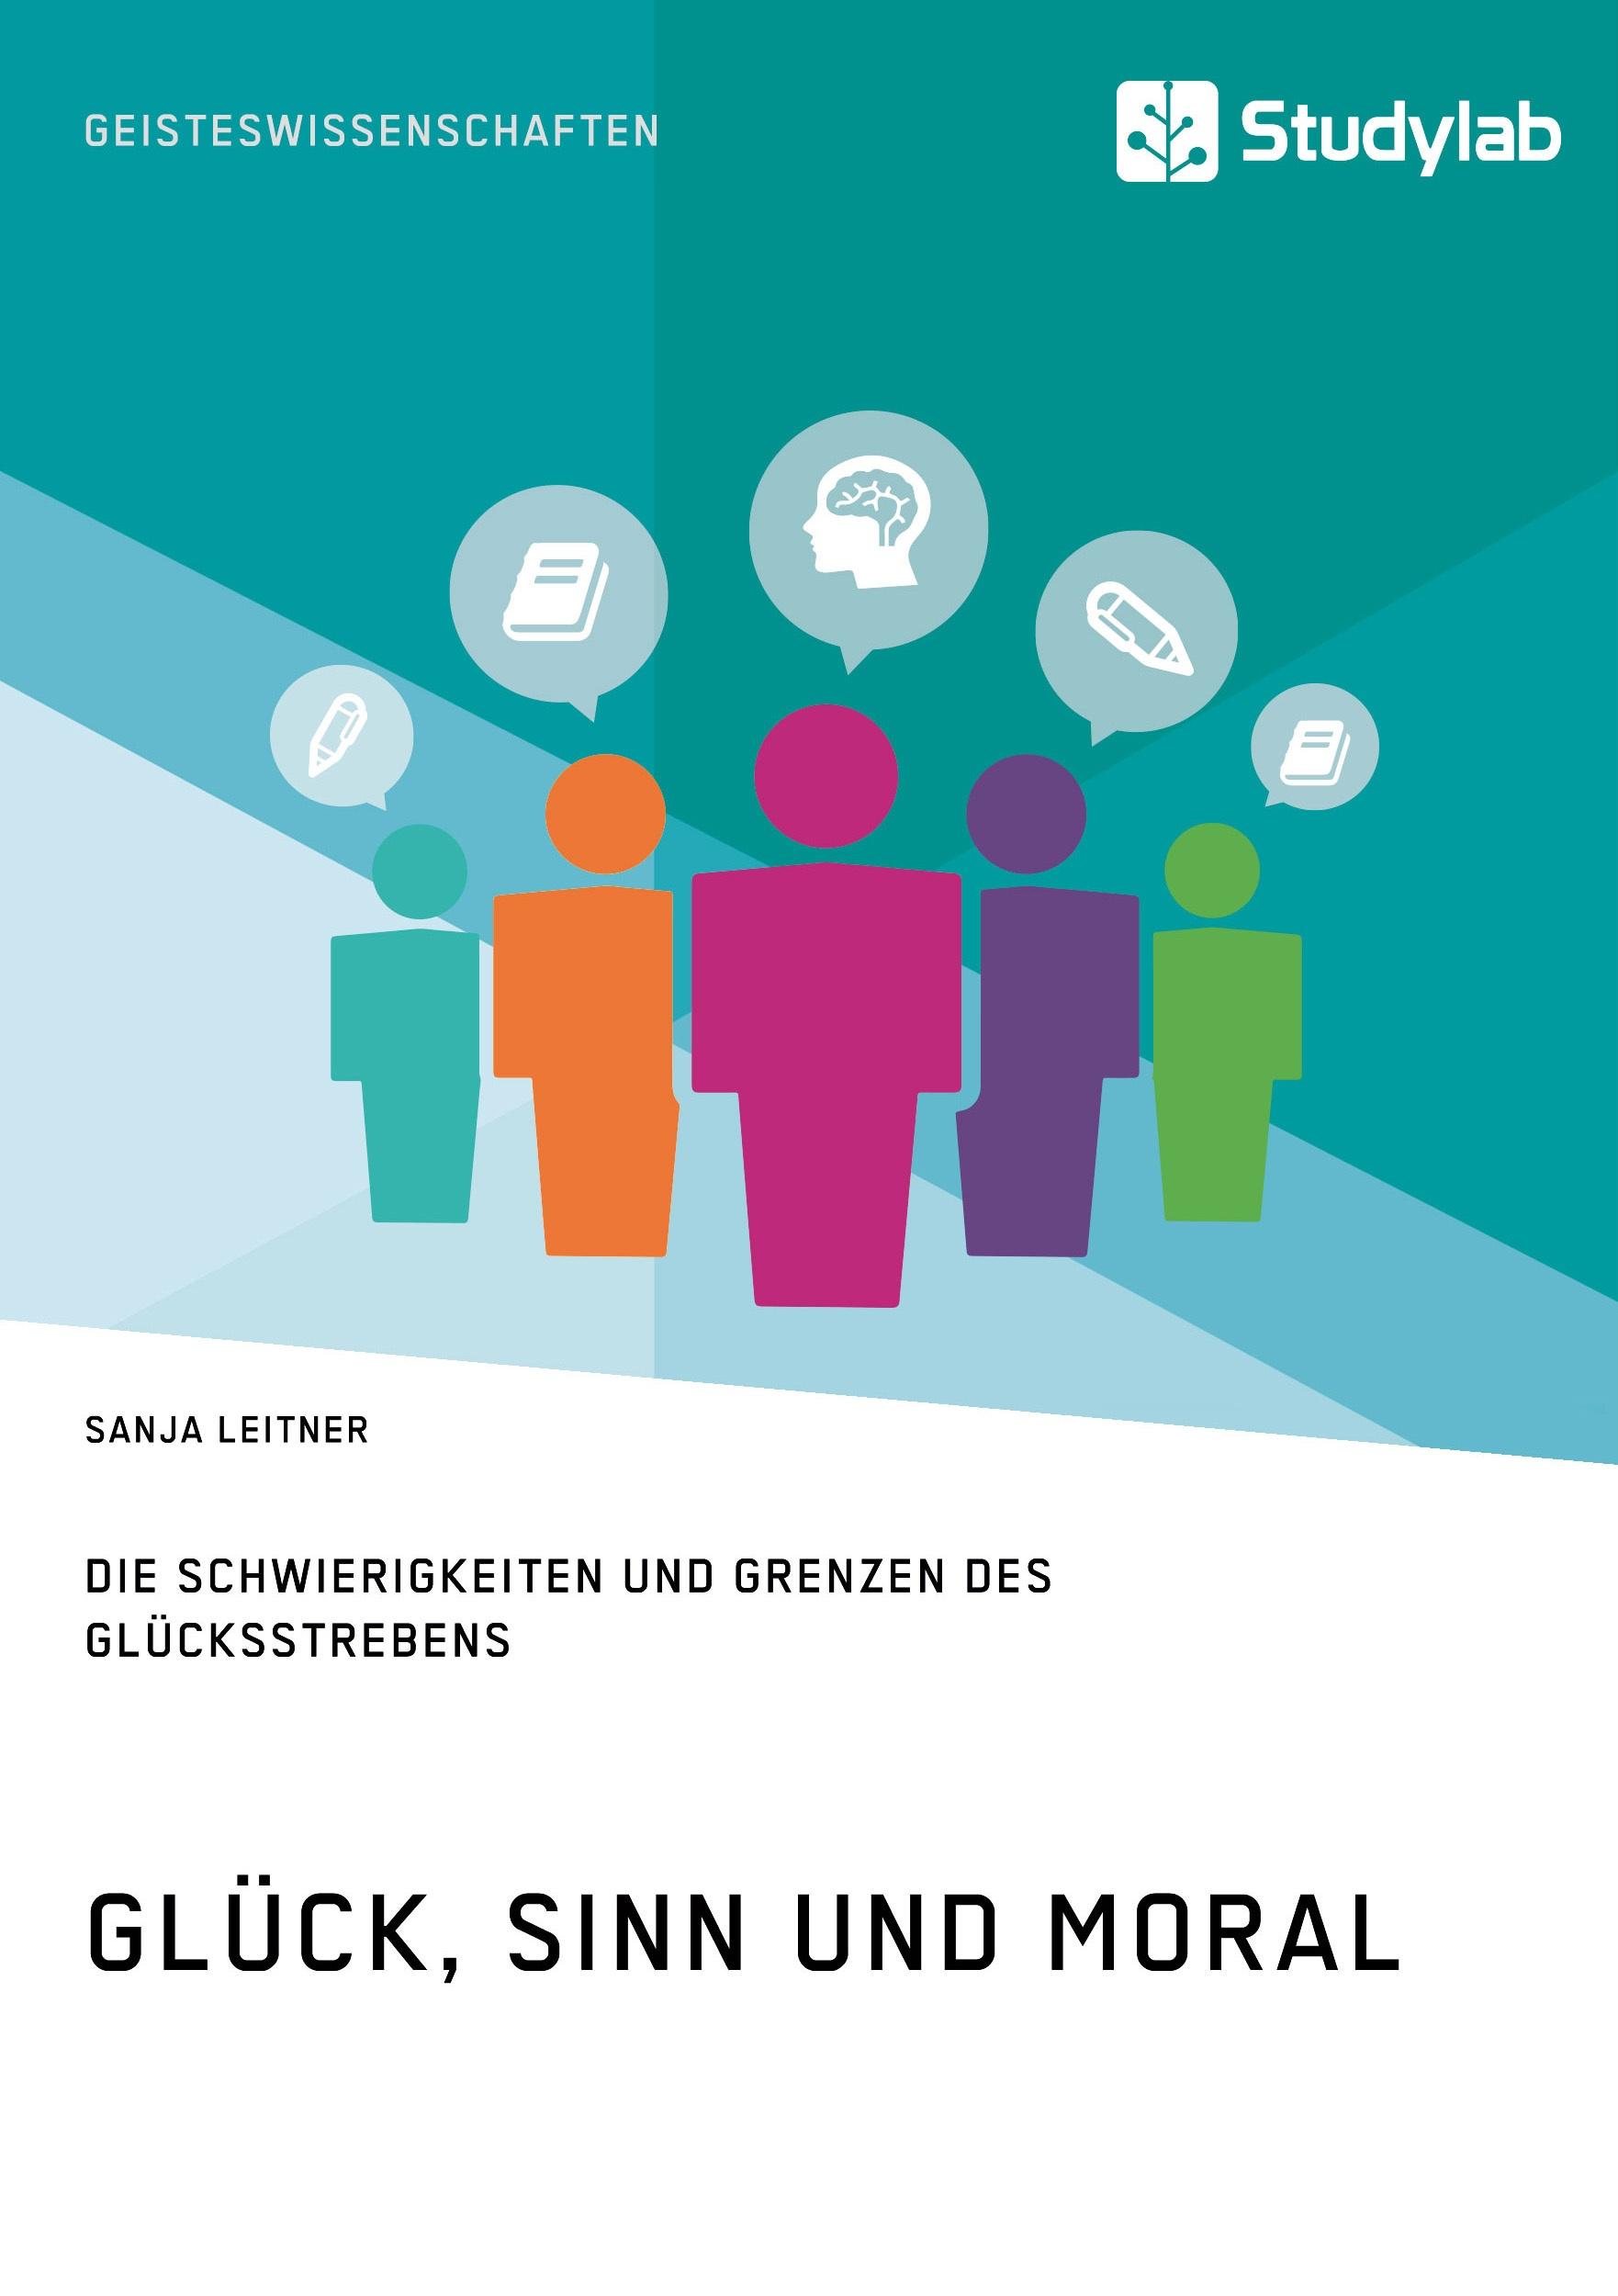 Titel: Glück, Sinn und Moral. Die Schwierigkeiten und Grenzen des Glücksstrebens